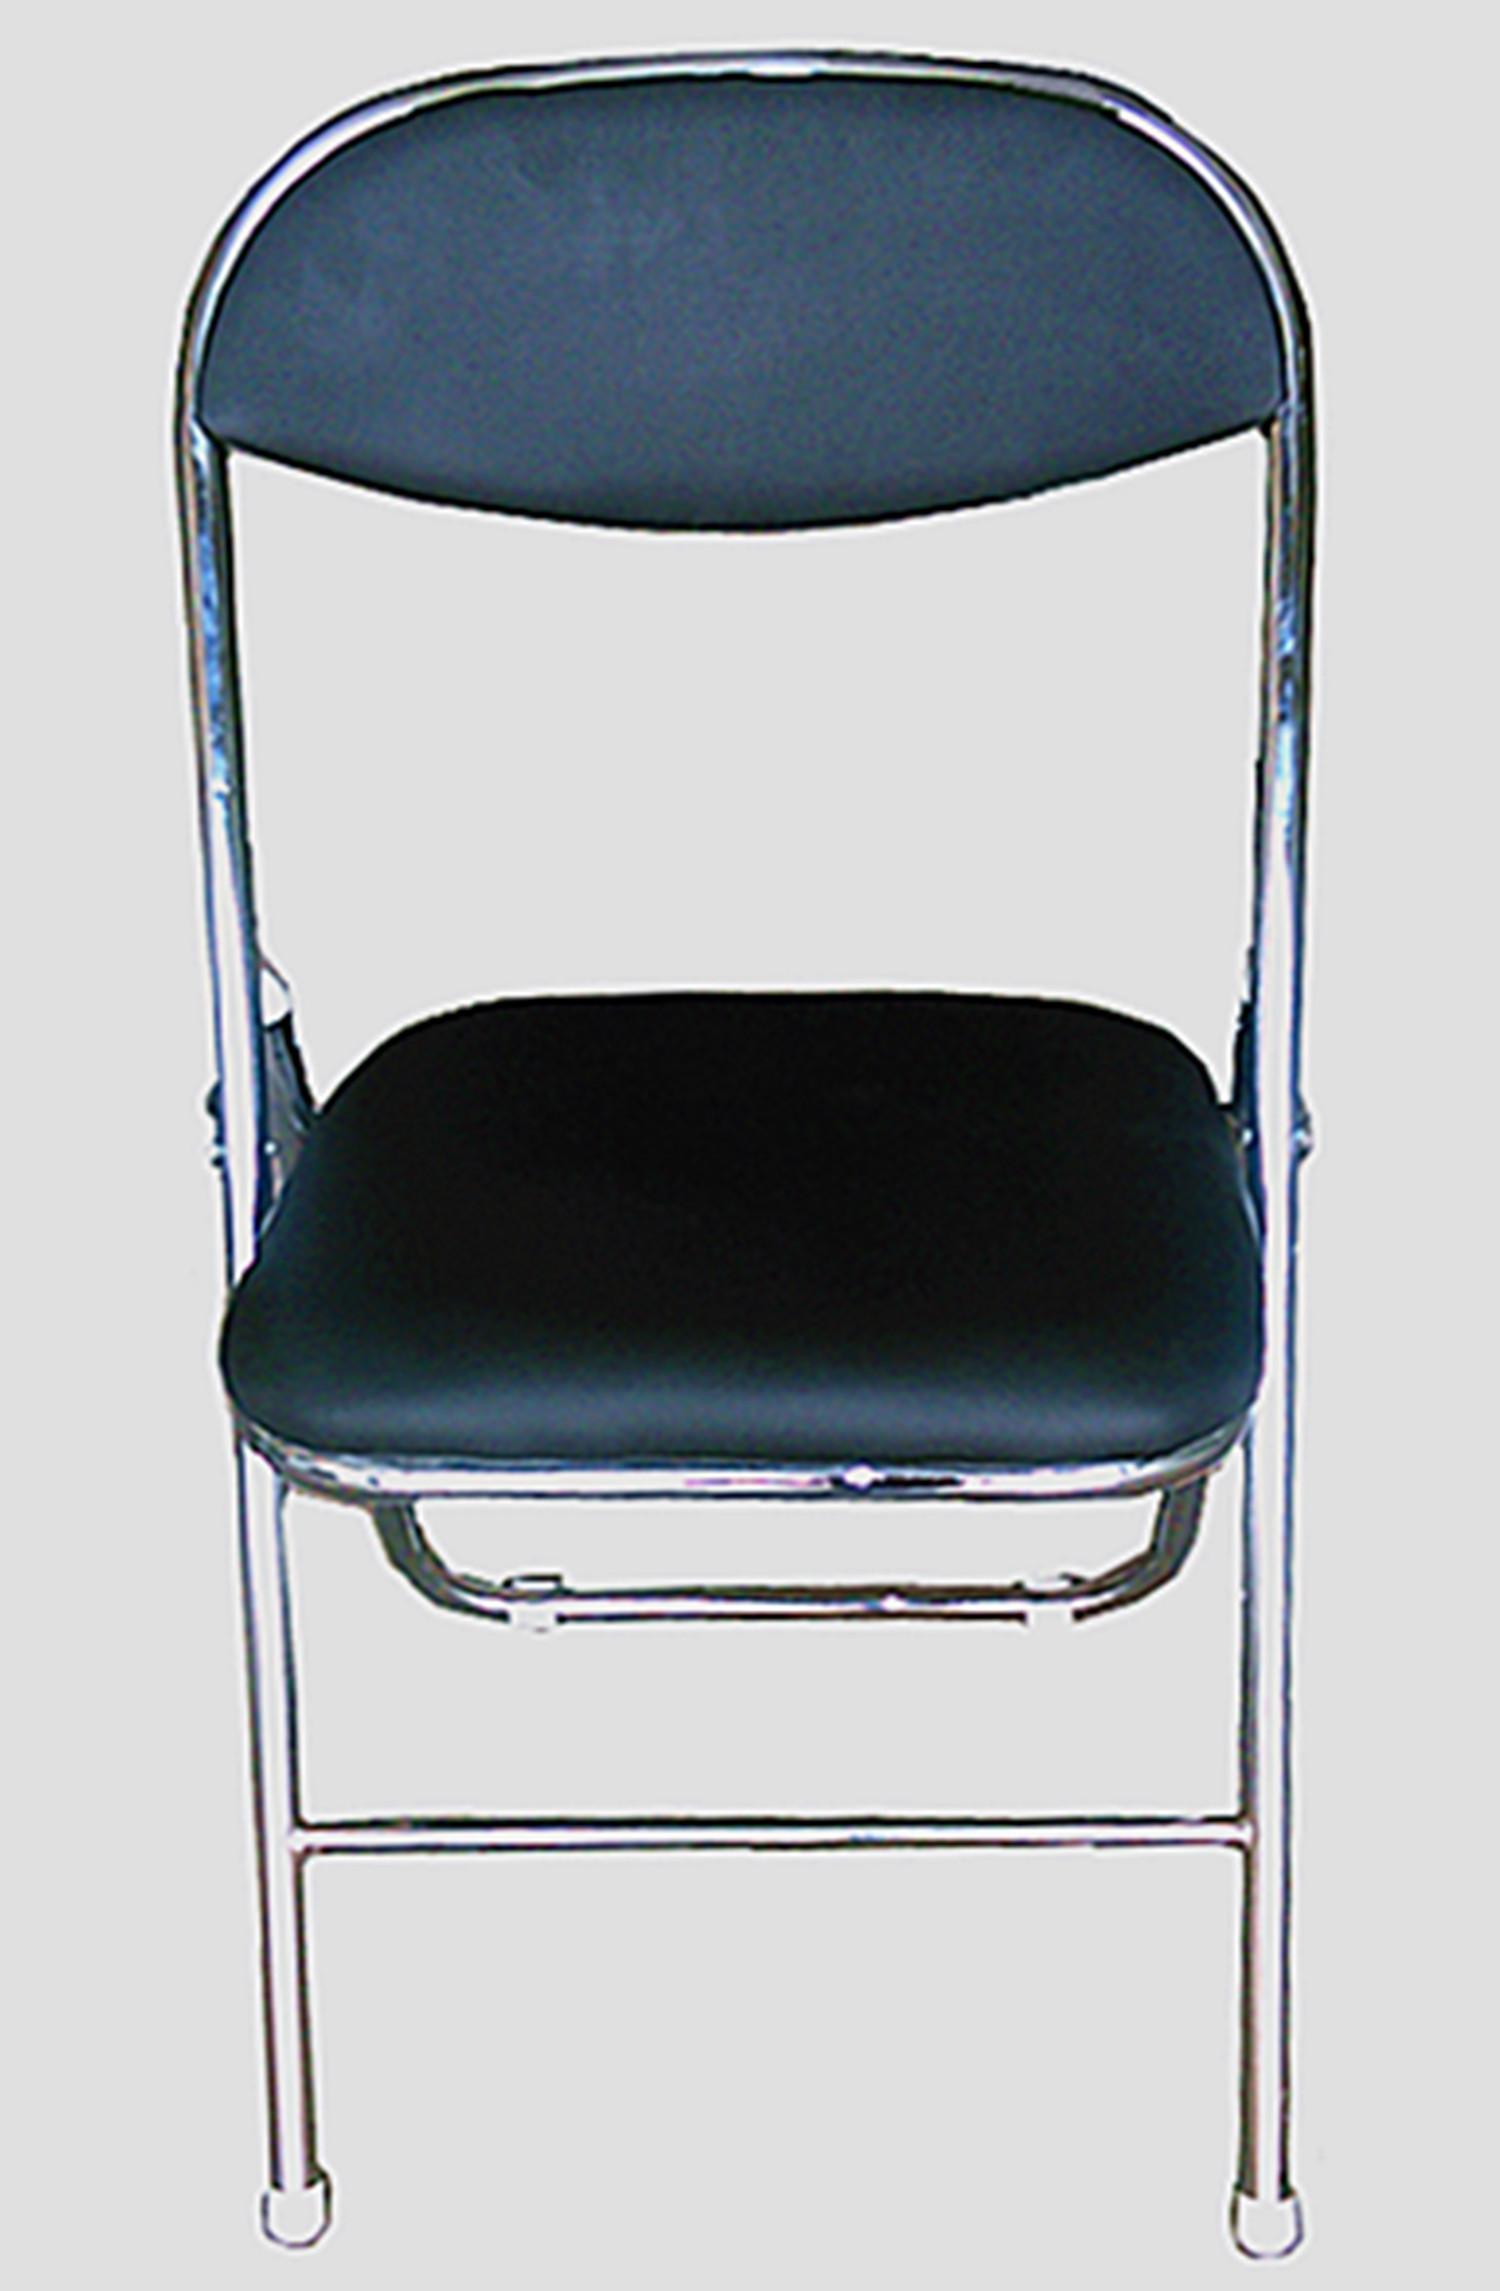 black padded chrome framed folding chair melbourne table. Black Bedroom Furniture Sets. Home Design Ideas